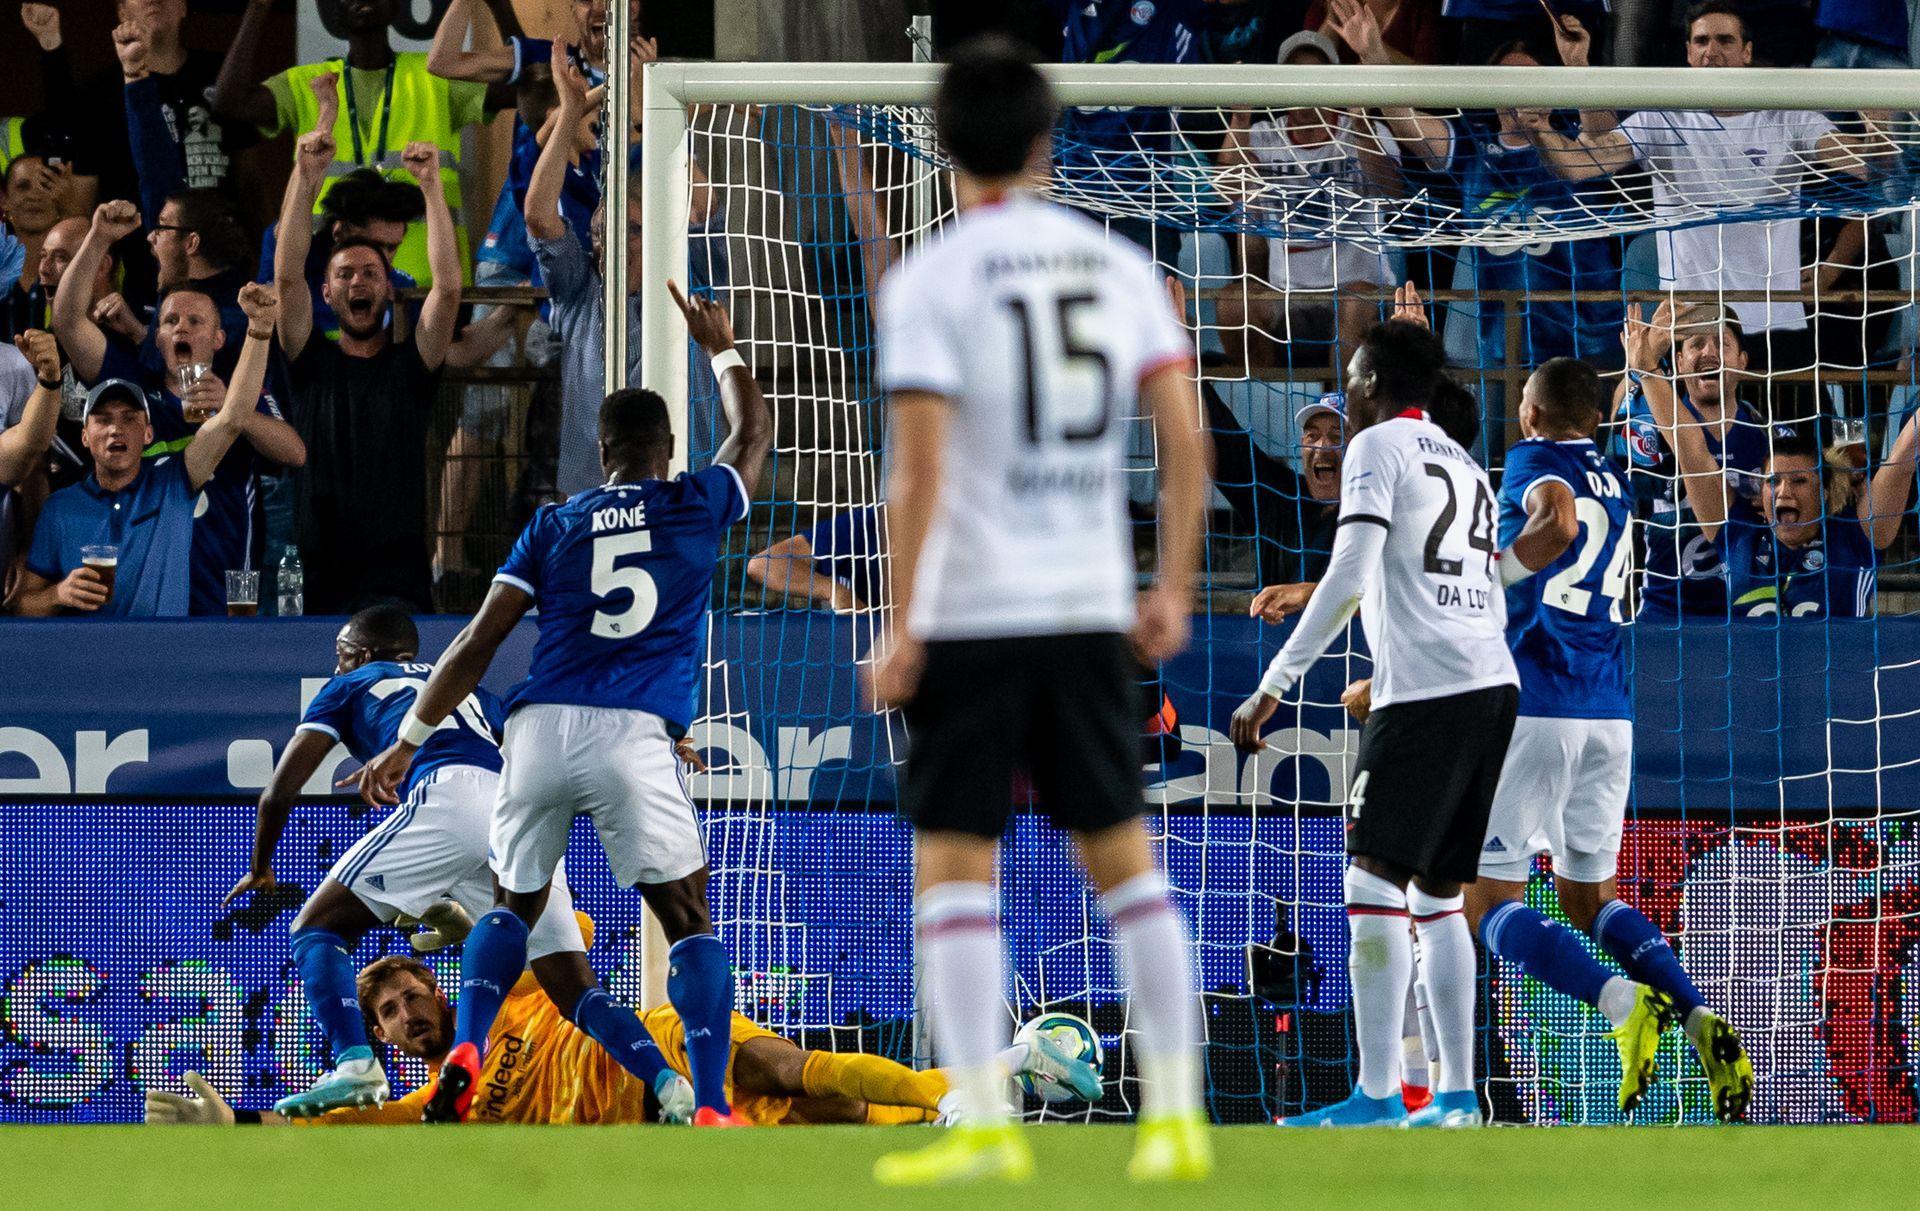 Кевин Зои бележи във вратата на Айнтрахт победния гол за Страсбург